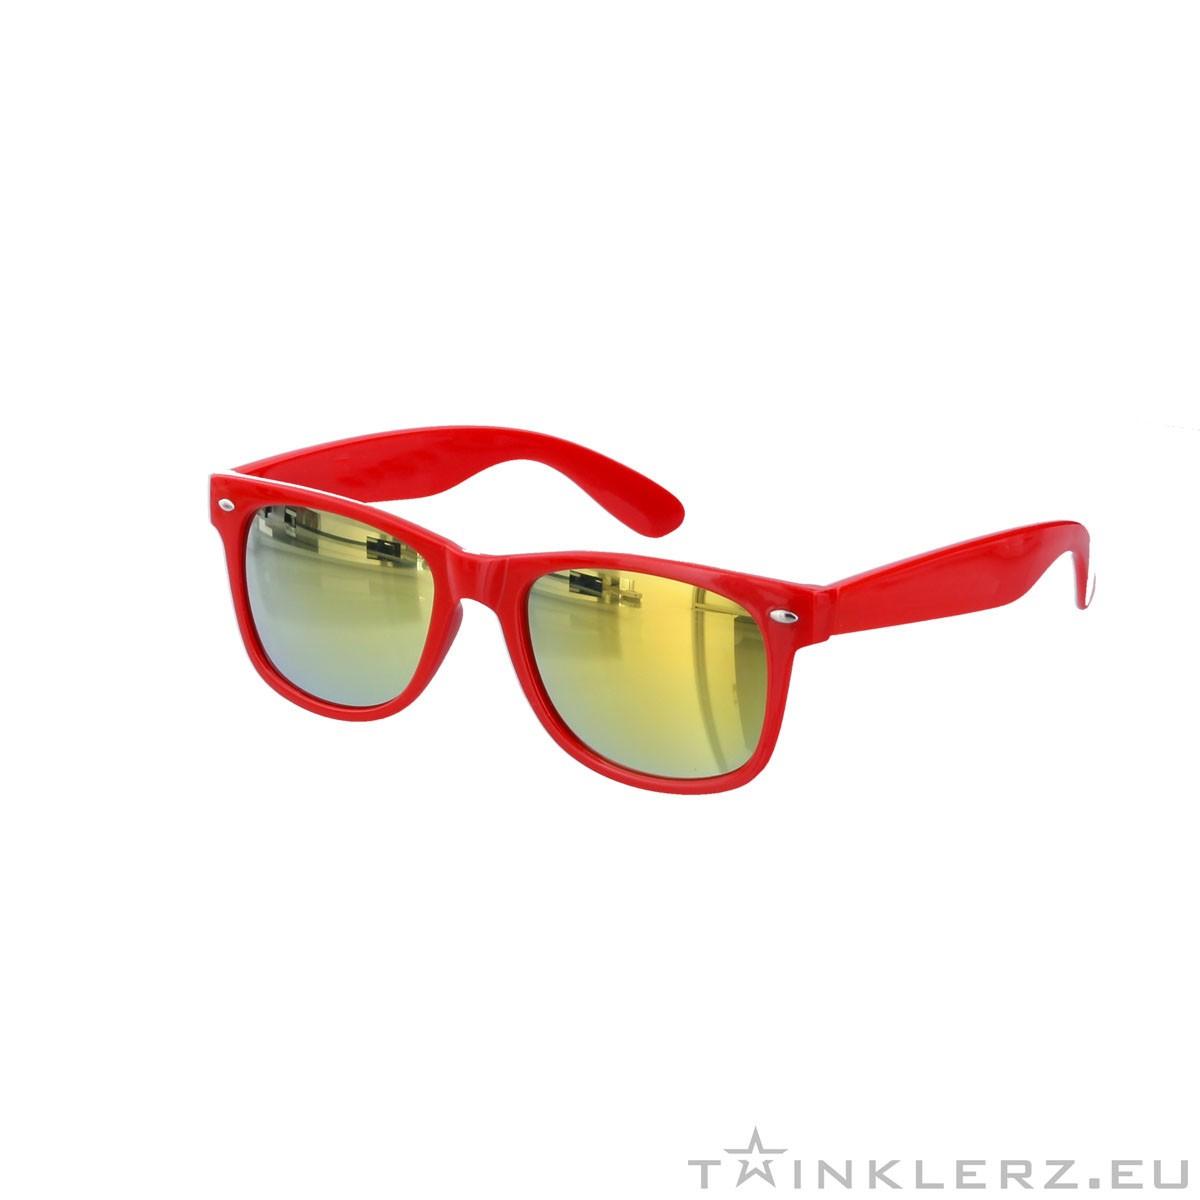 Red wayfarer sunglasses - gold mirror glass